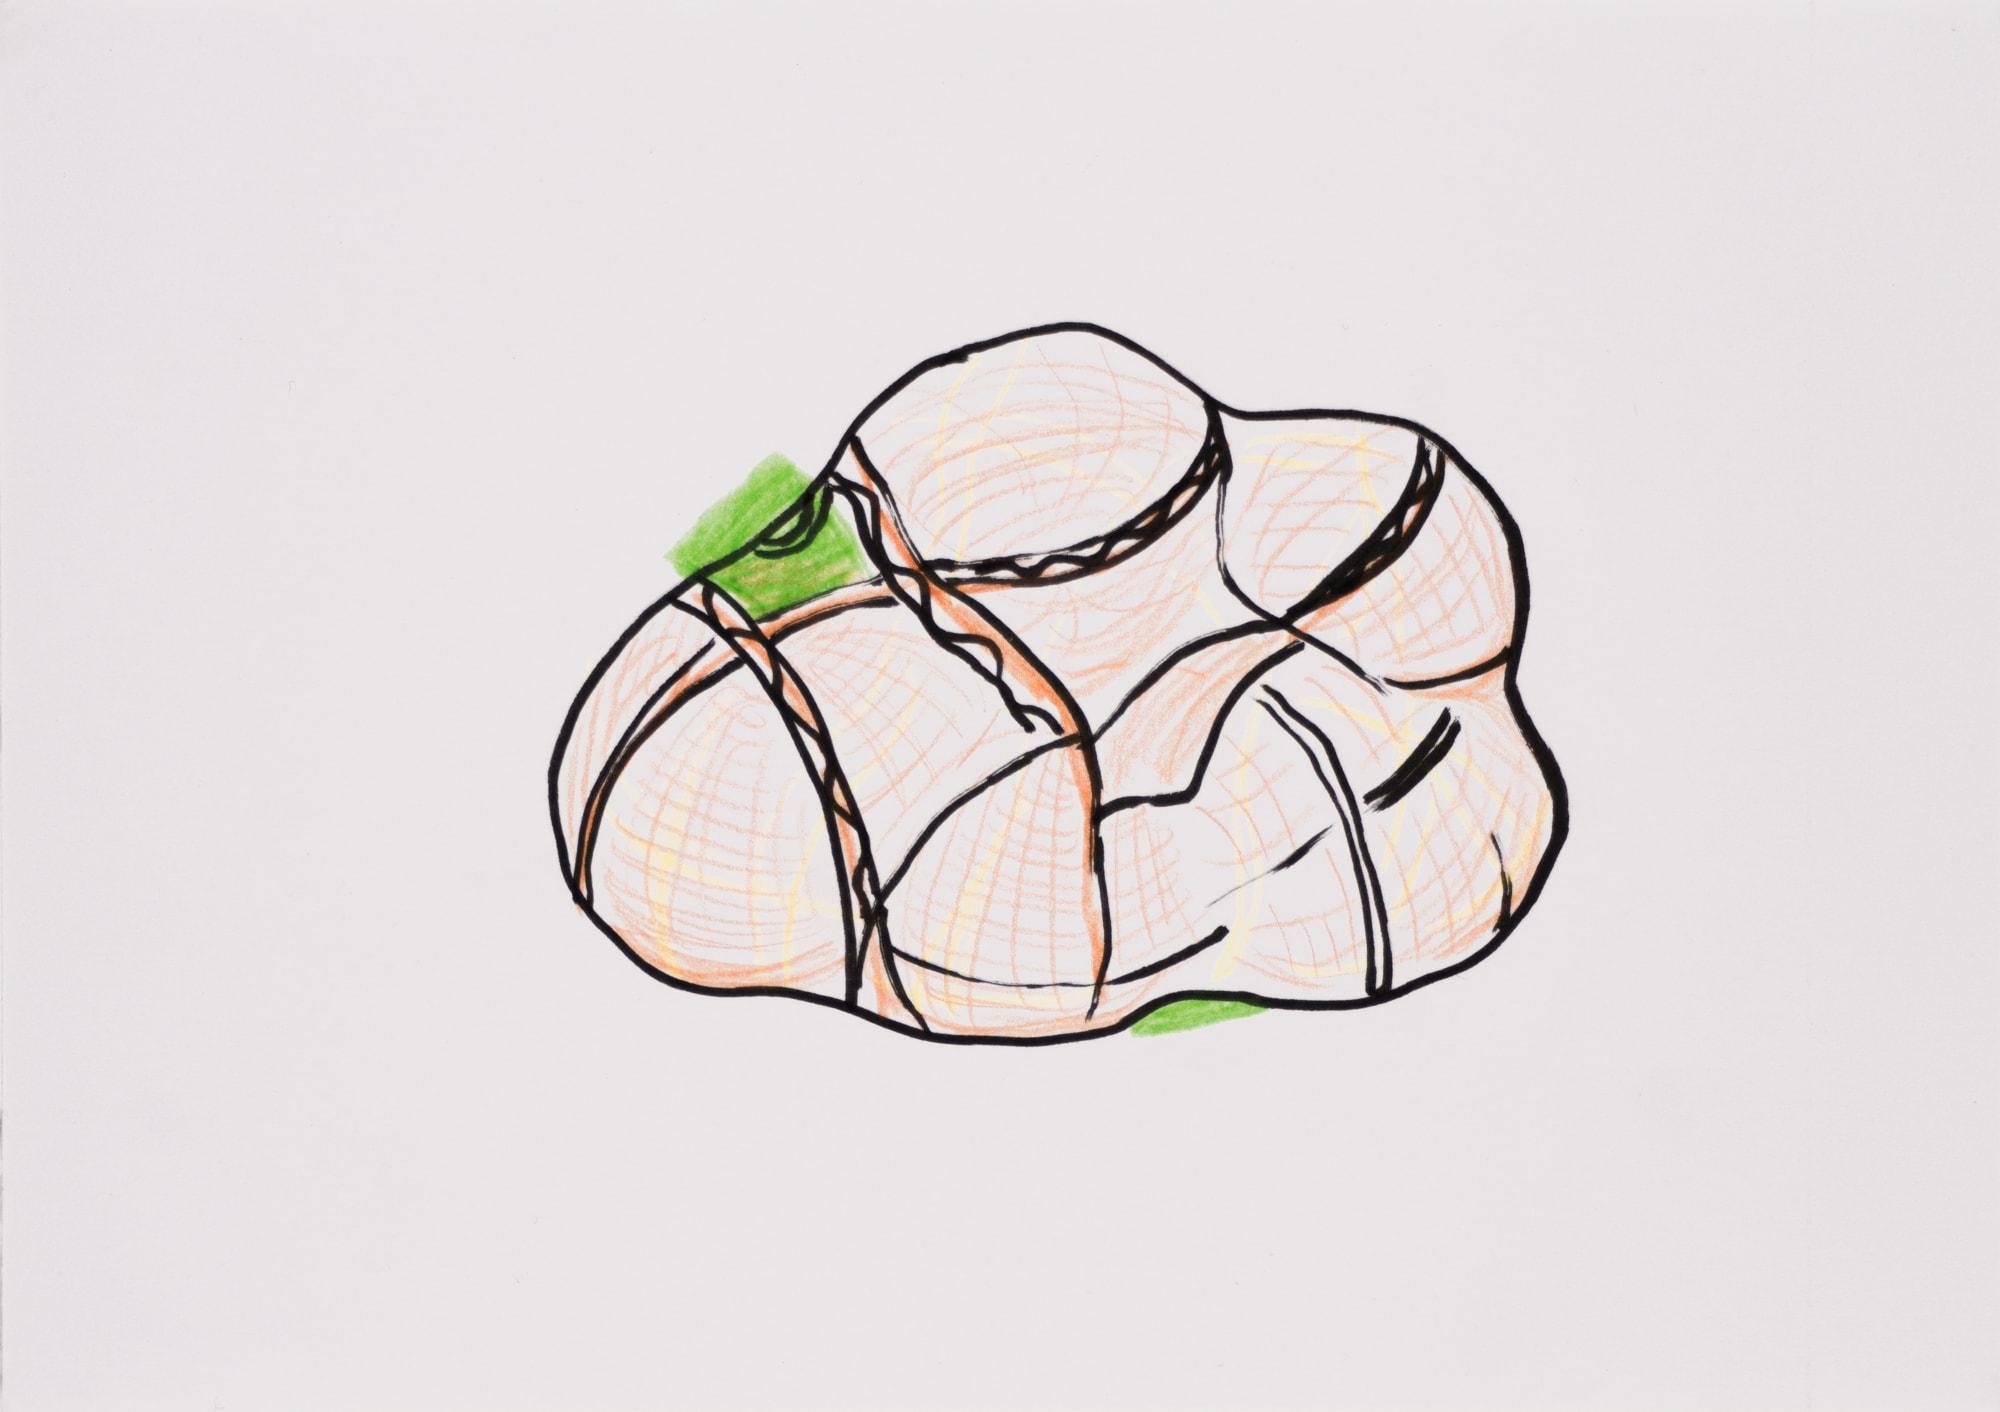 Zeichnung, Farbstift und Tusche auf Papier, 20,8x14,8cm, Ein Netz mit Orangen, Künstlerin: Franziska King